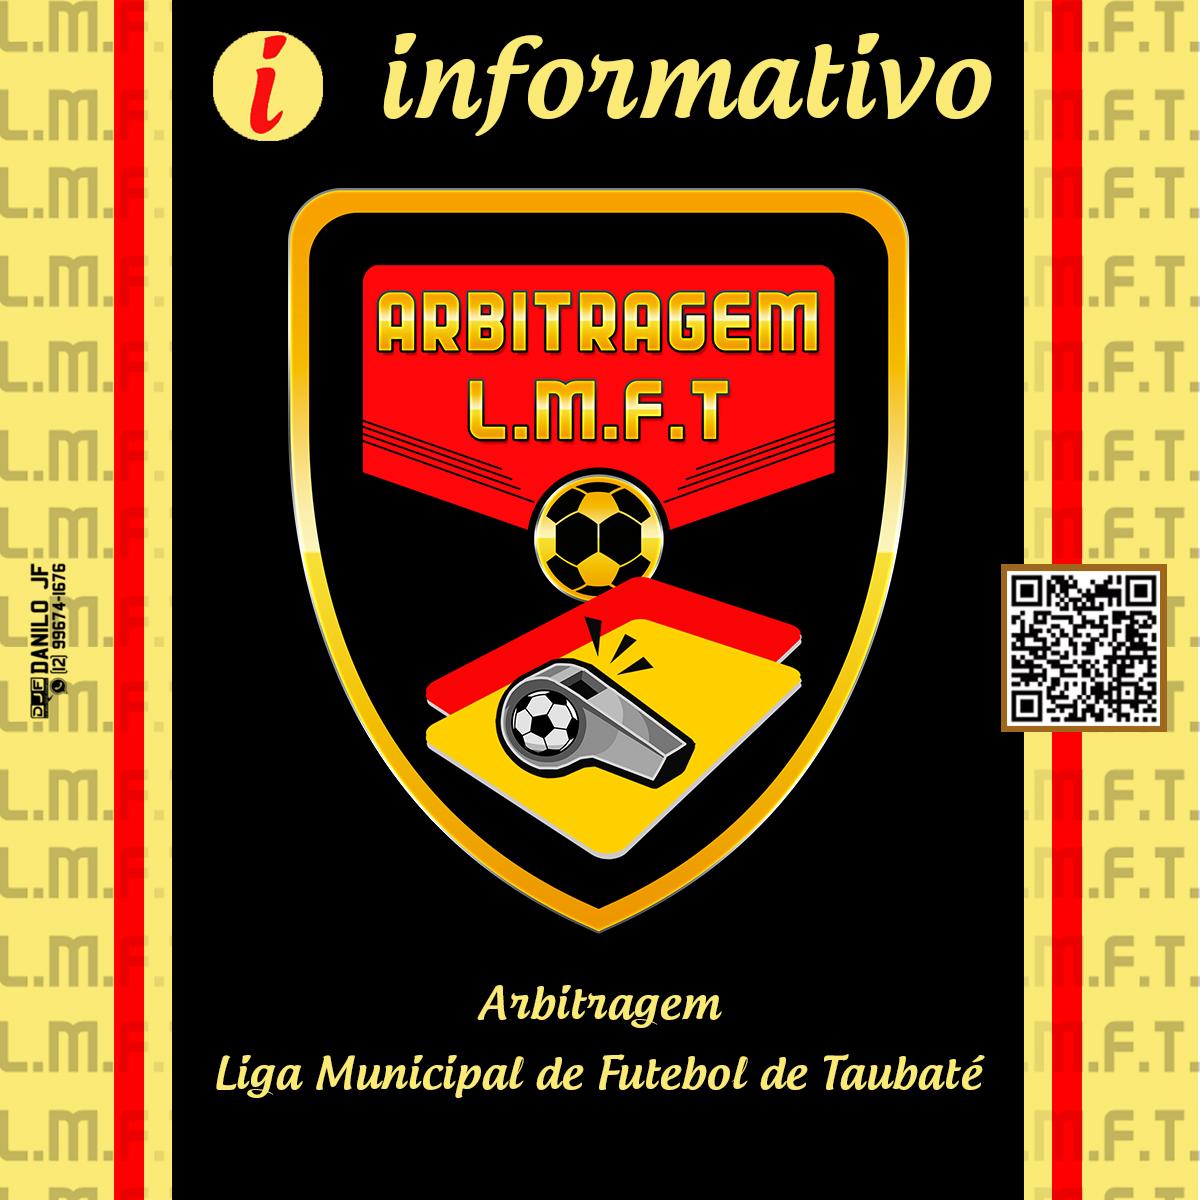 LMFT lança logo oficial da Arbitragem